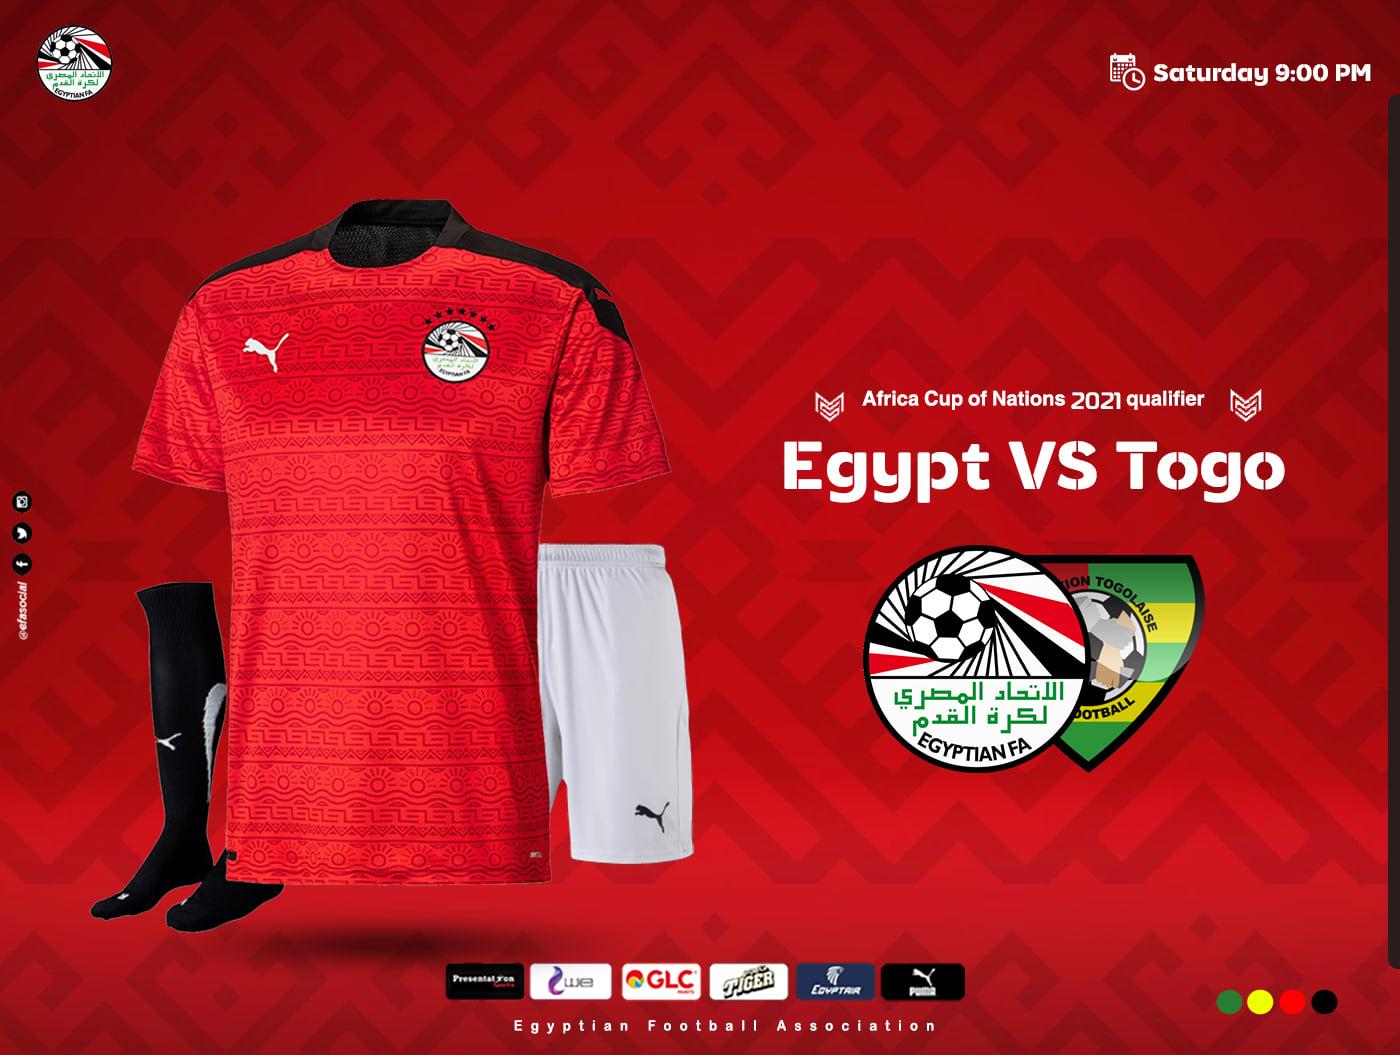 بث مباشر مباراة مصر وتوجو